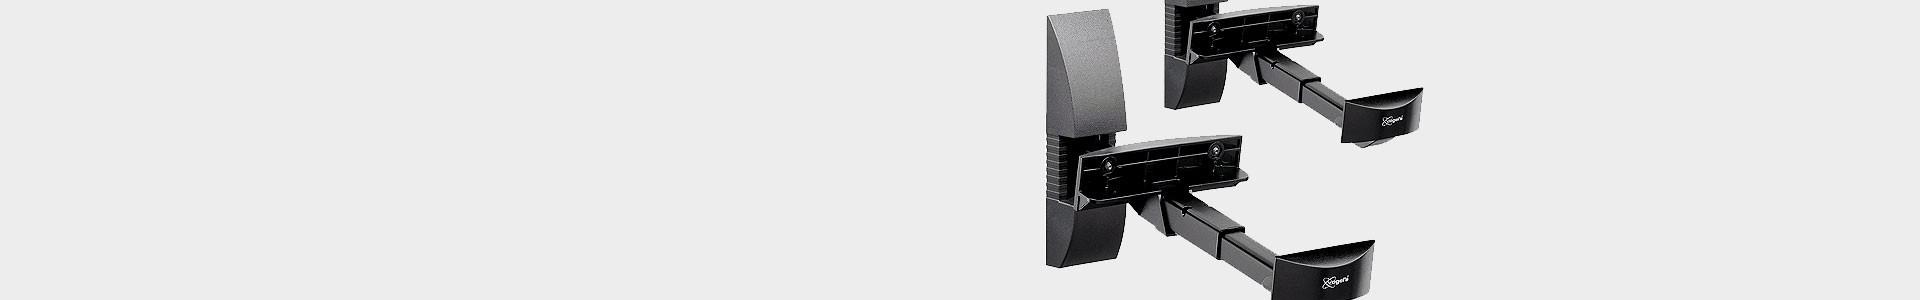 Speaker wall mounts - Avacab